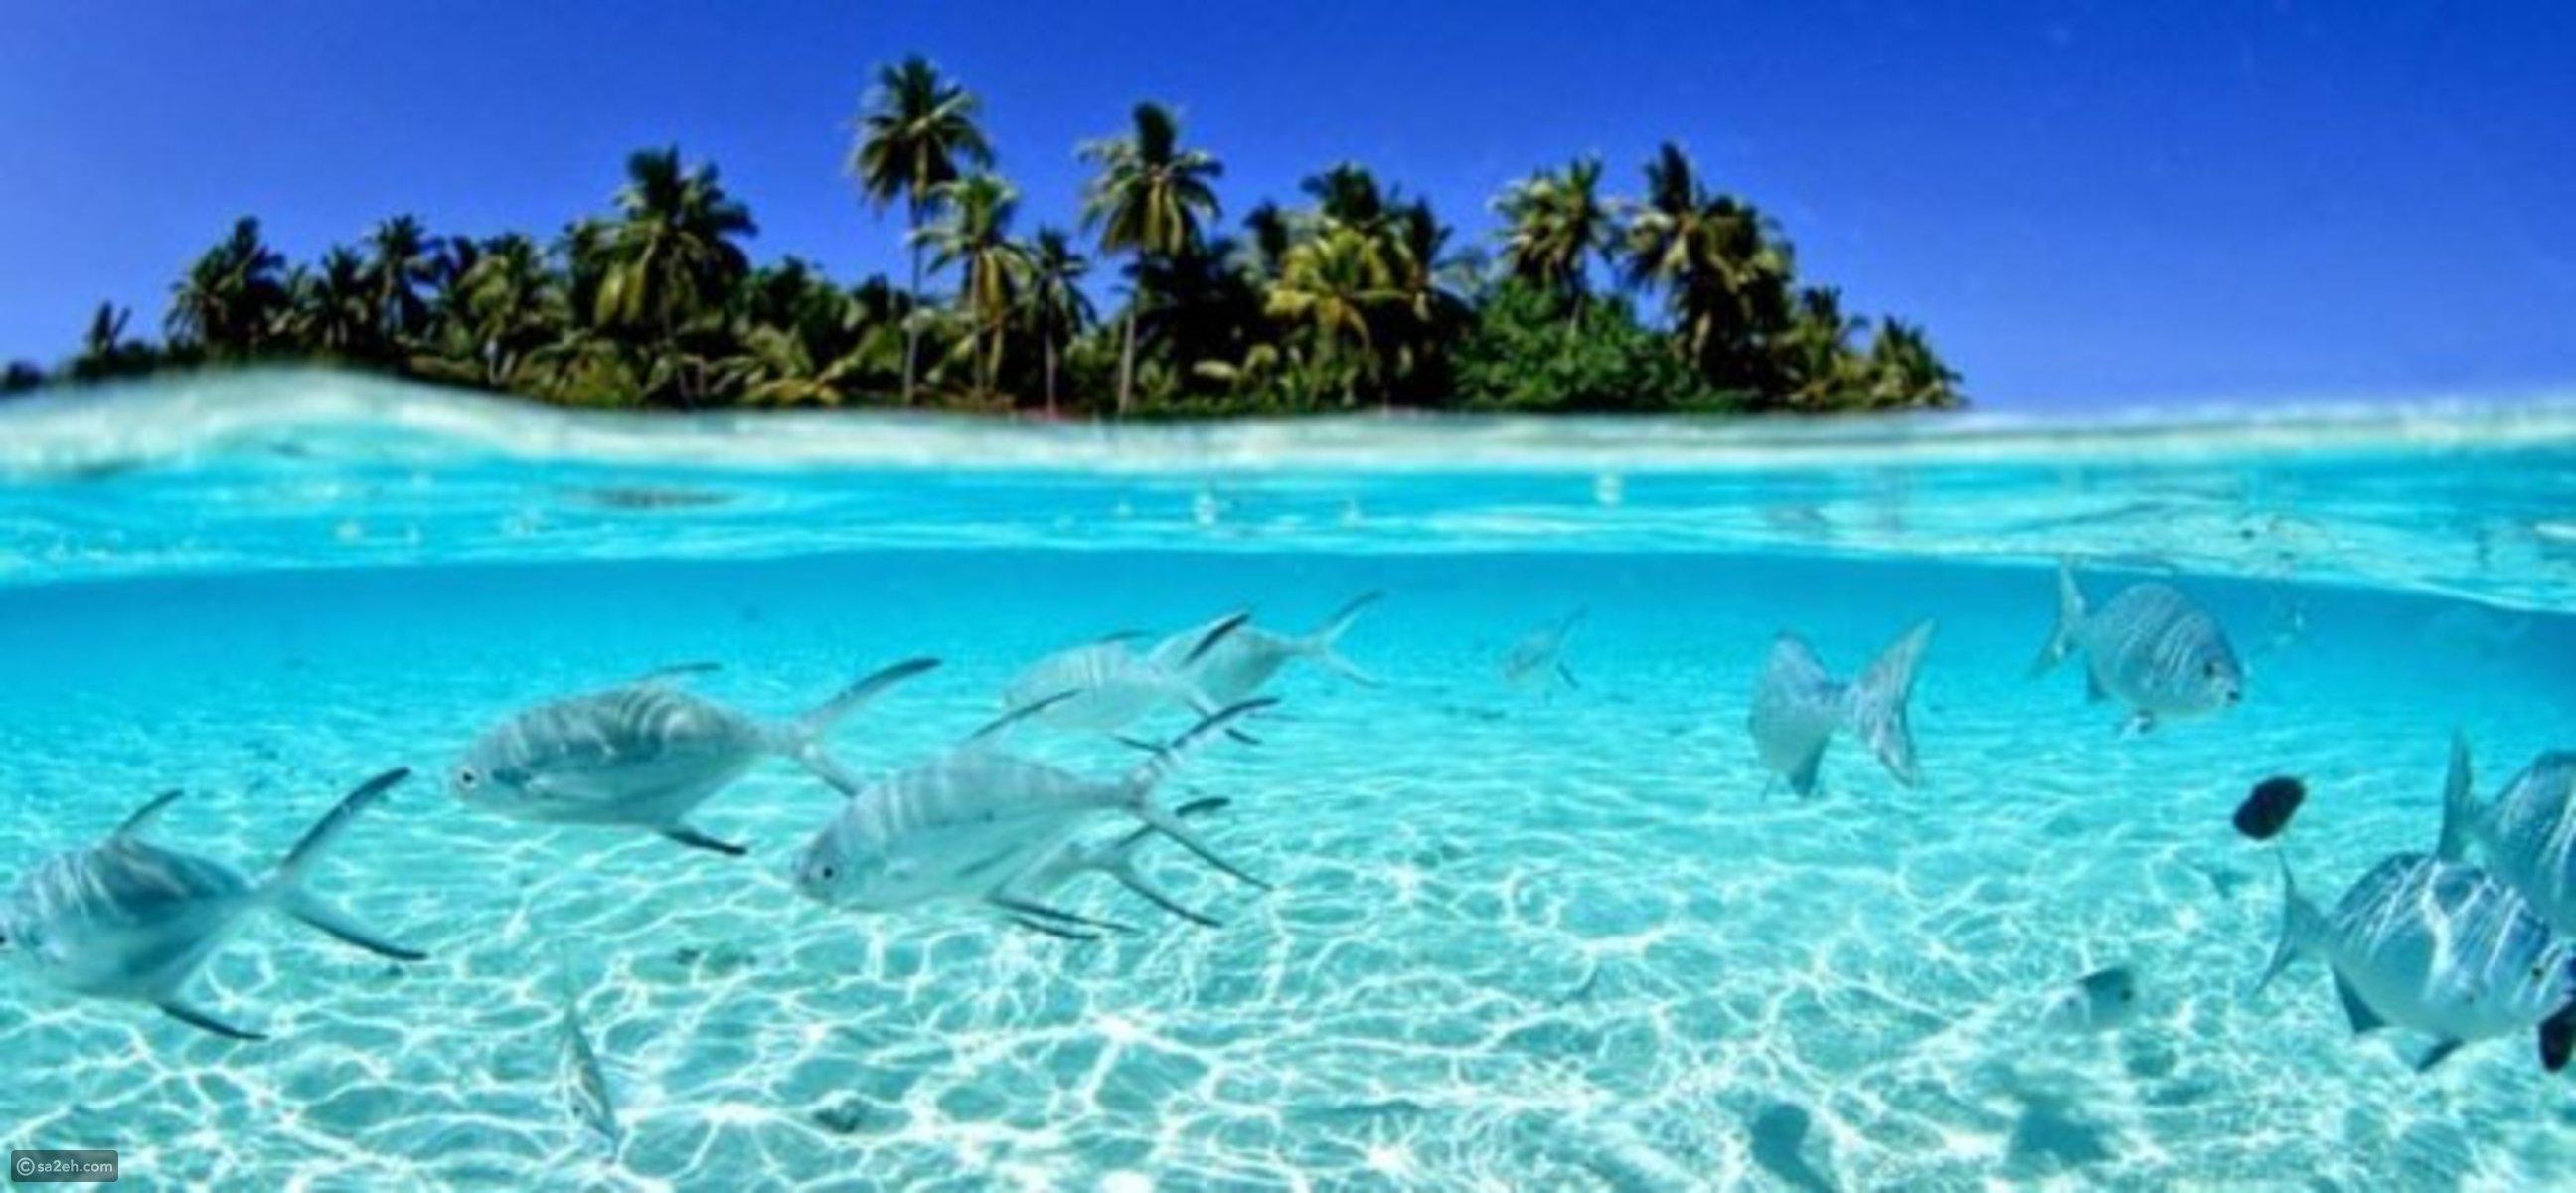 اكتشف معنا أجمل شواطىء هاواي  ..  صور